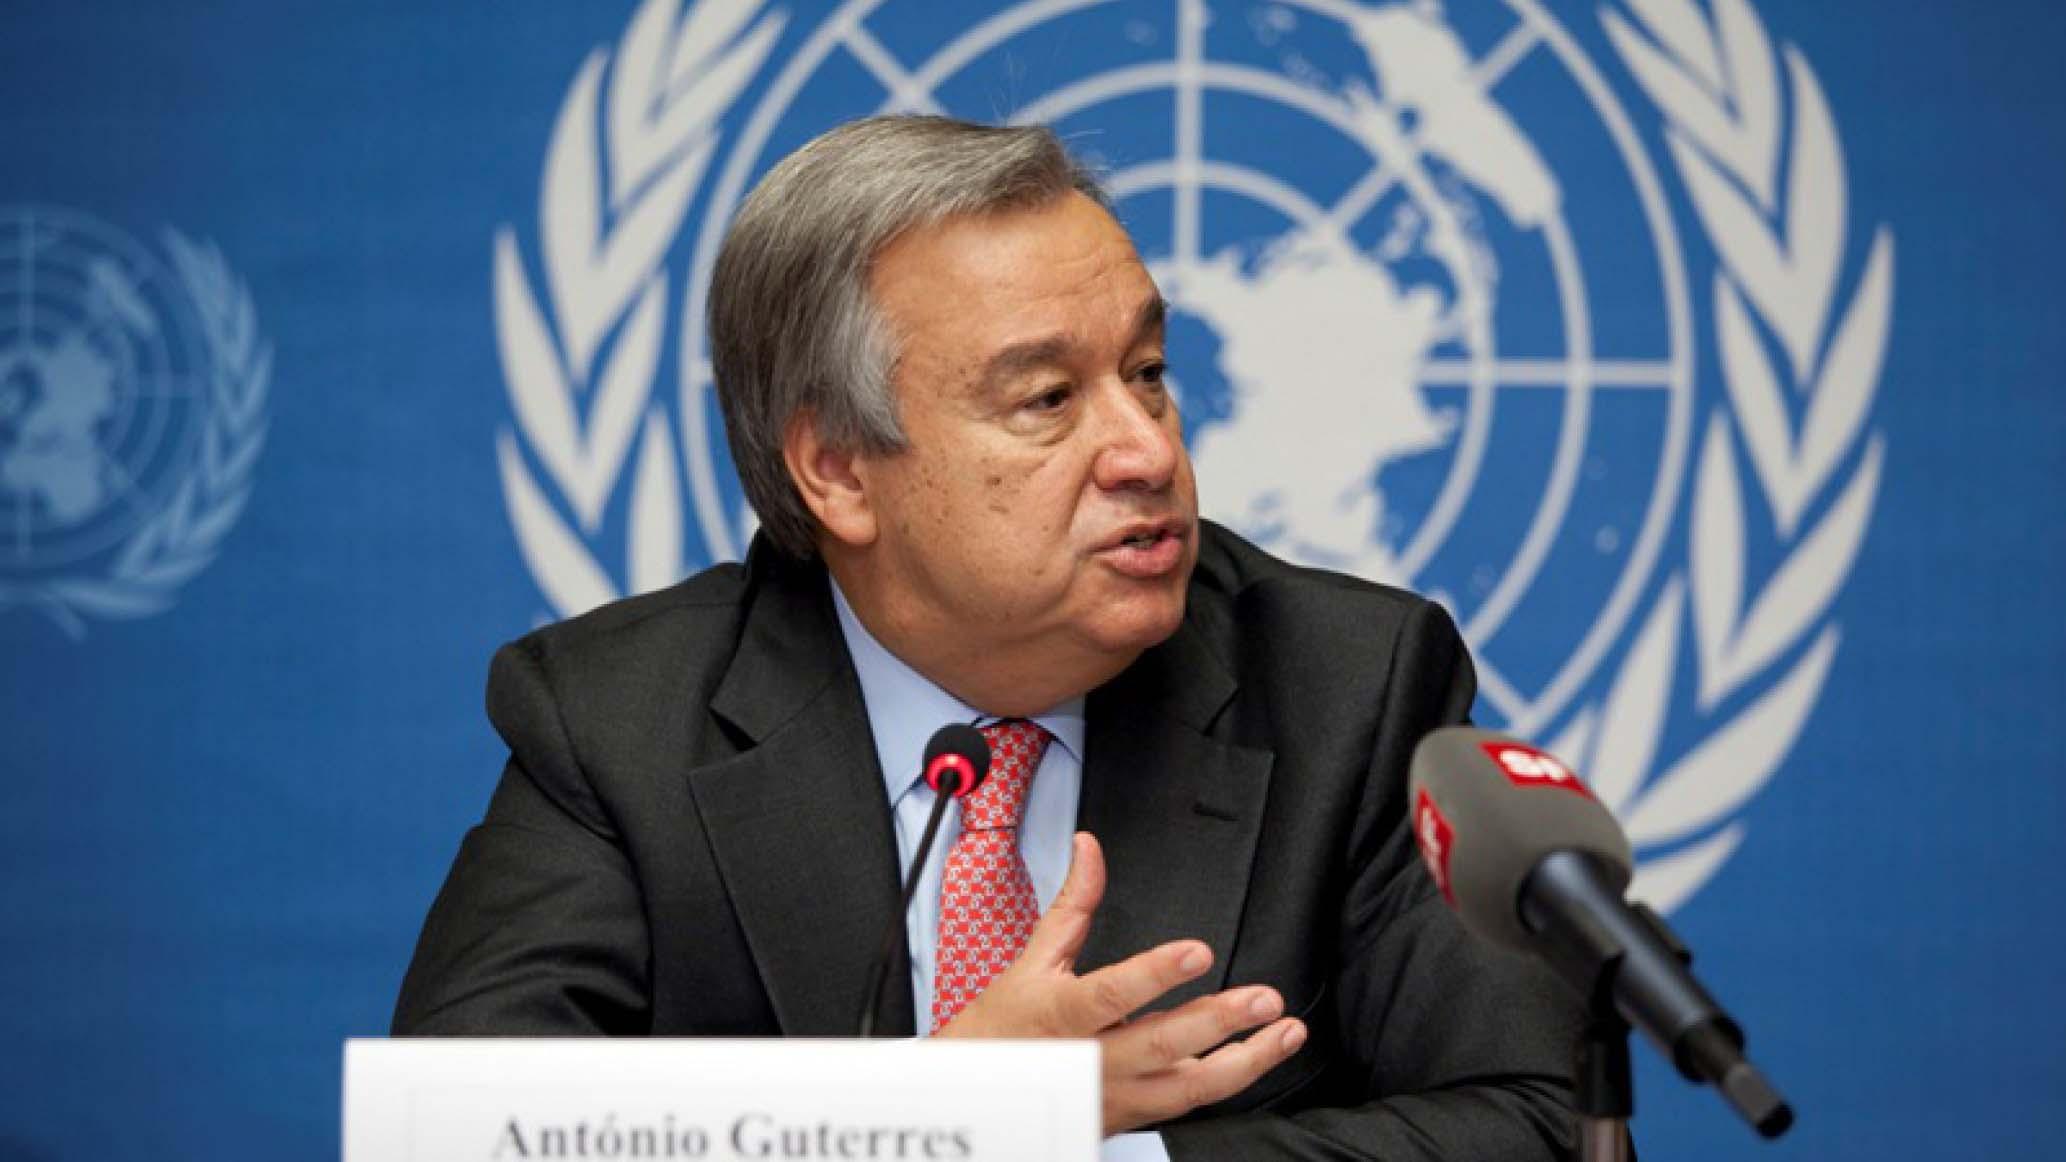 El secretario general de la ONU pidió a los responsables de las distintas partes apegarse a la constitución del país